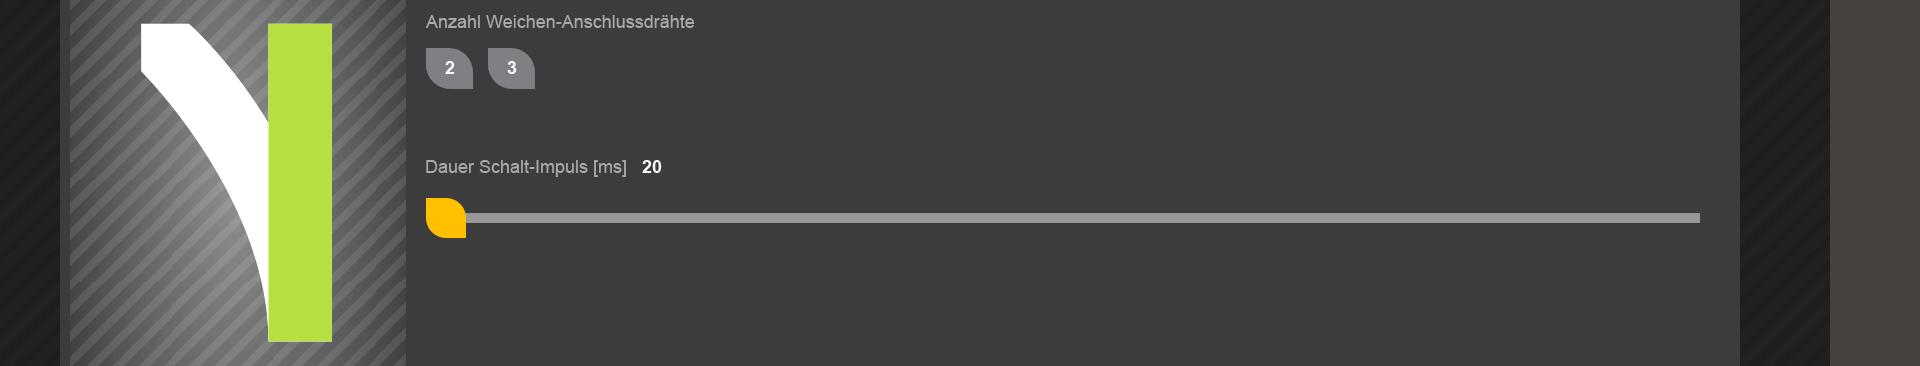 ALAN Bildschirm-Ausschnitt: Konfiguration einer Weiche